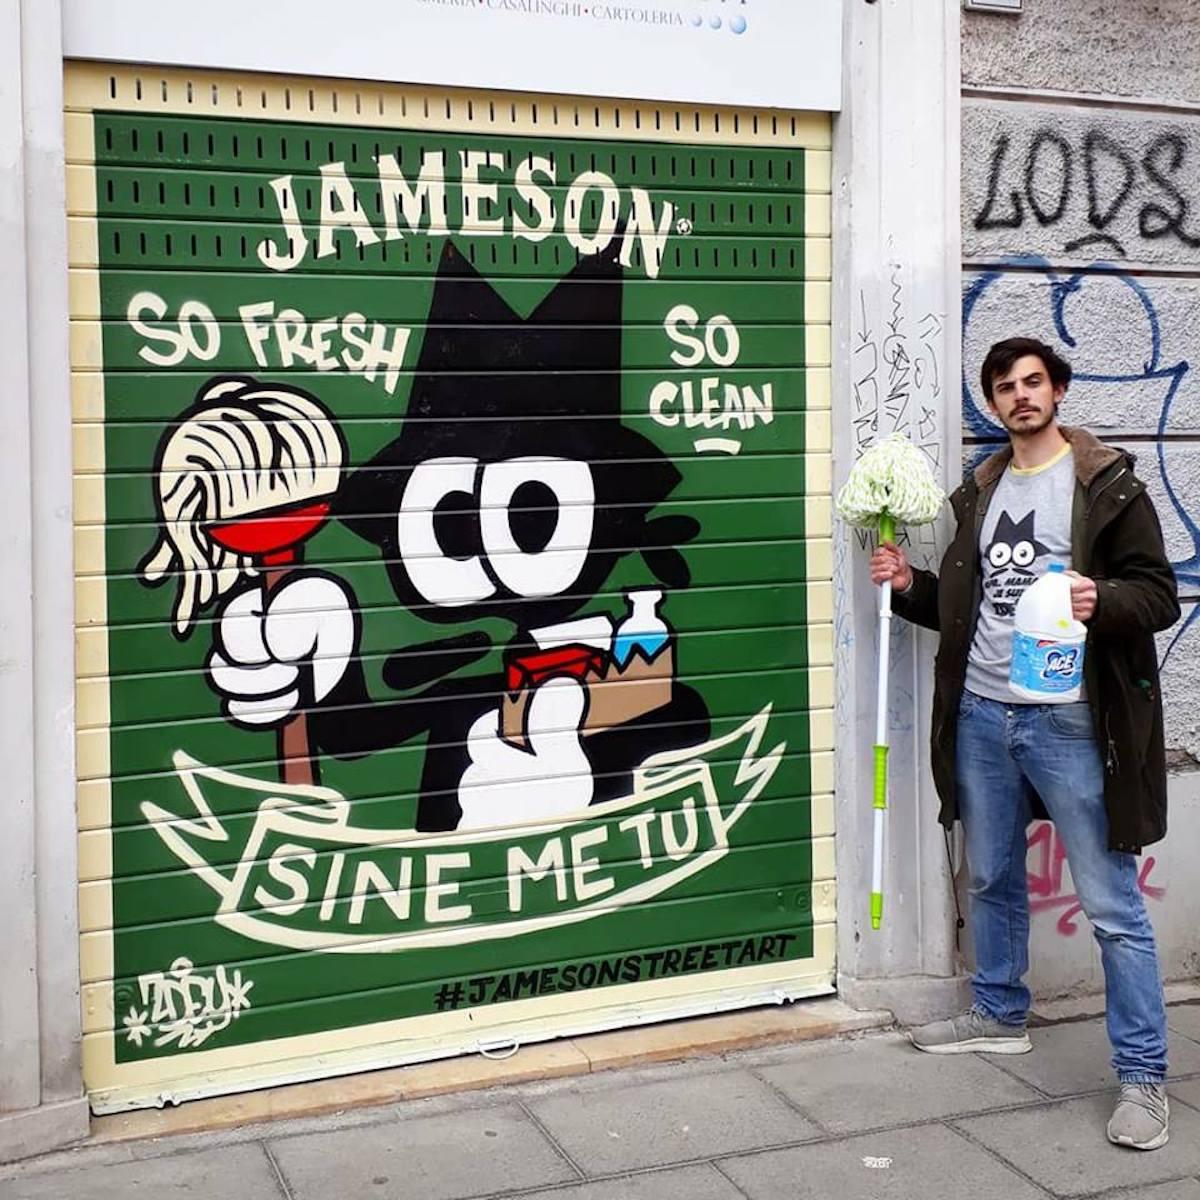 Zdey Riders Jameson